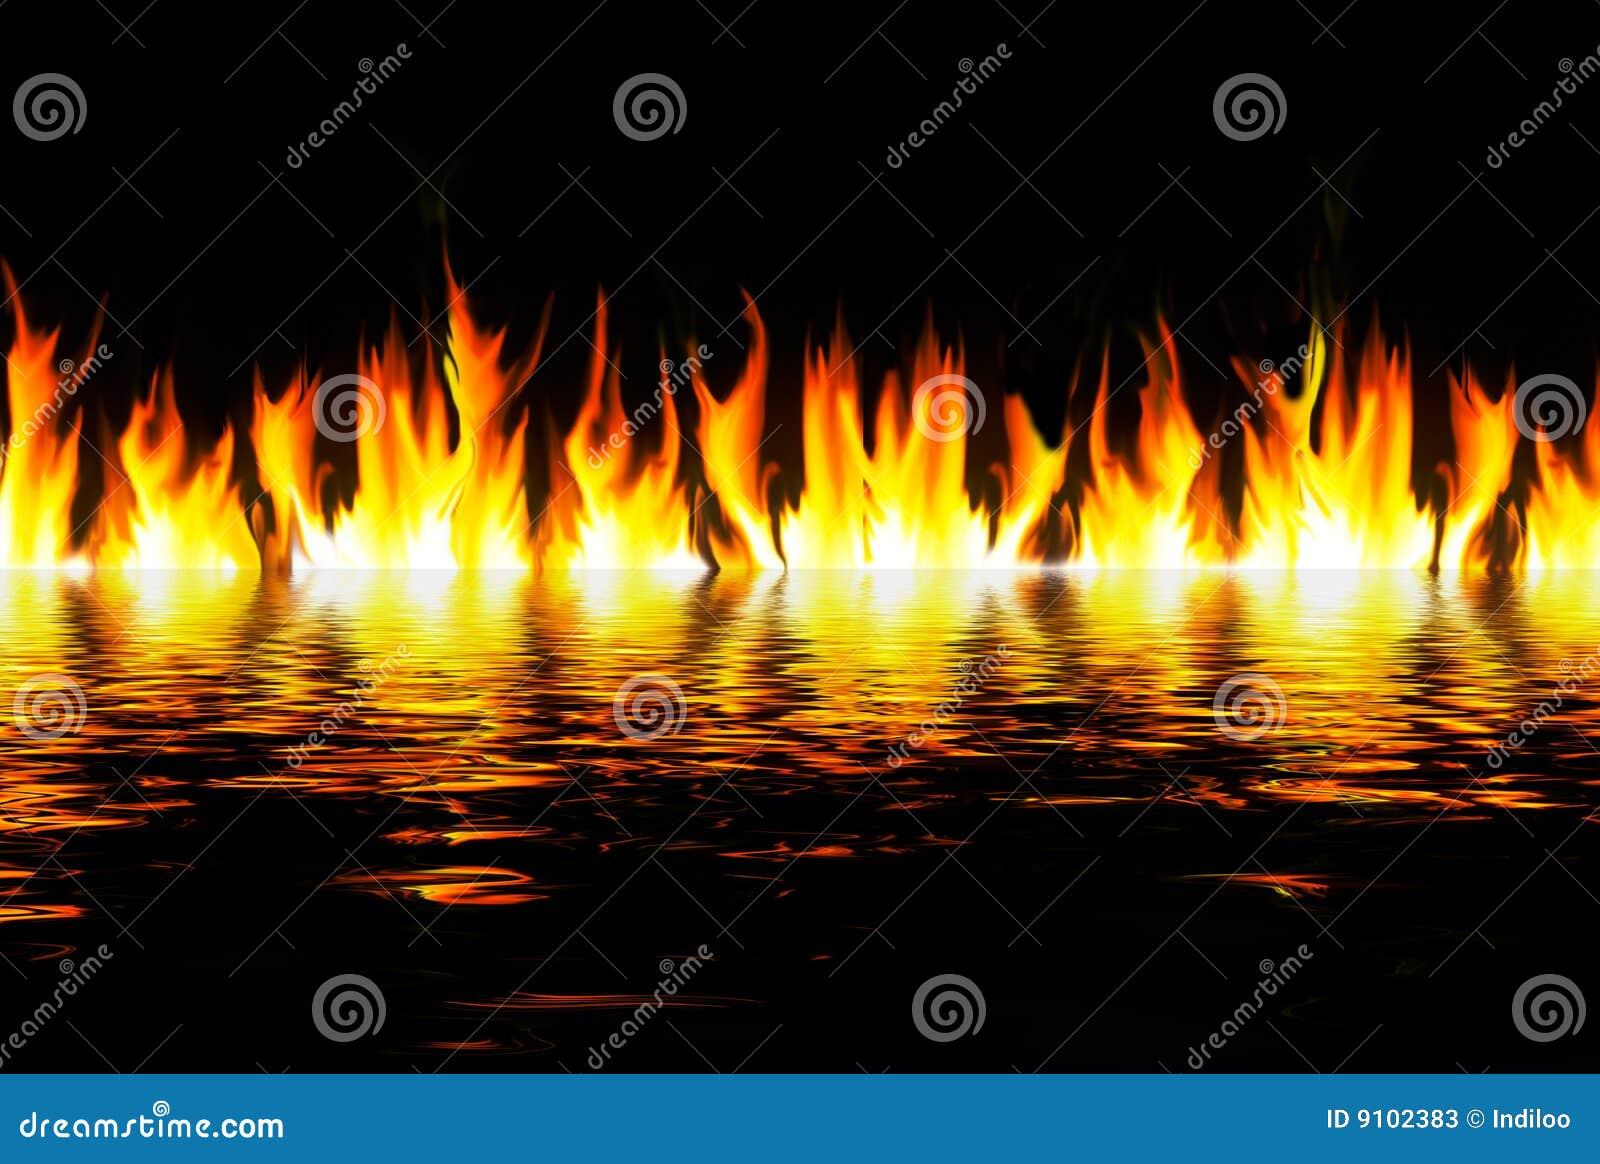 Płomienie nad wodą